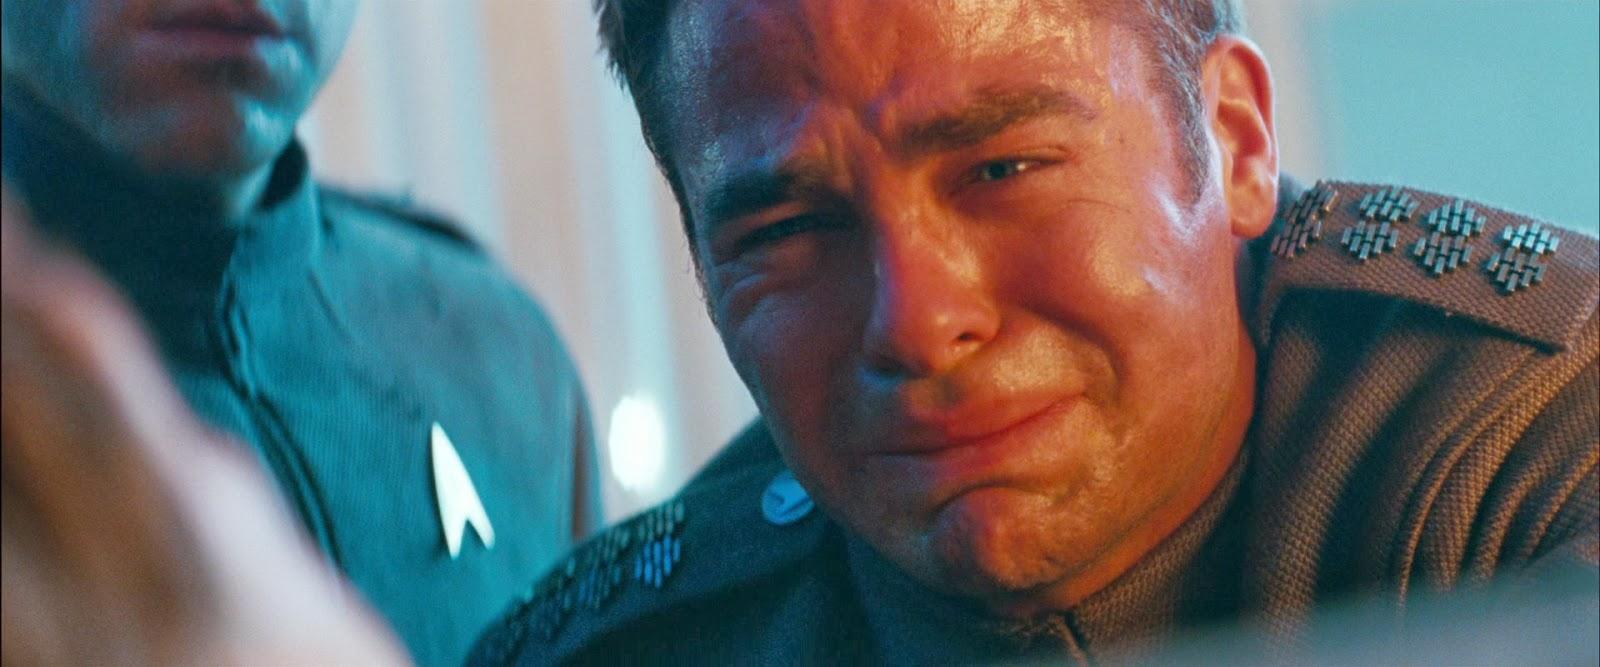 """Na bogato – trzeci zwiastun """"Star Trek Beyond"""" promuje nowy singiel Rihanny – """"Sledgehammer"""""""